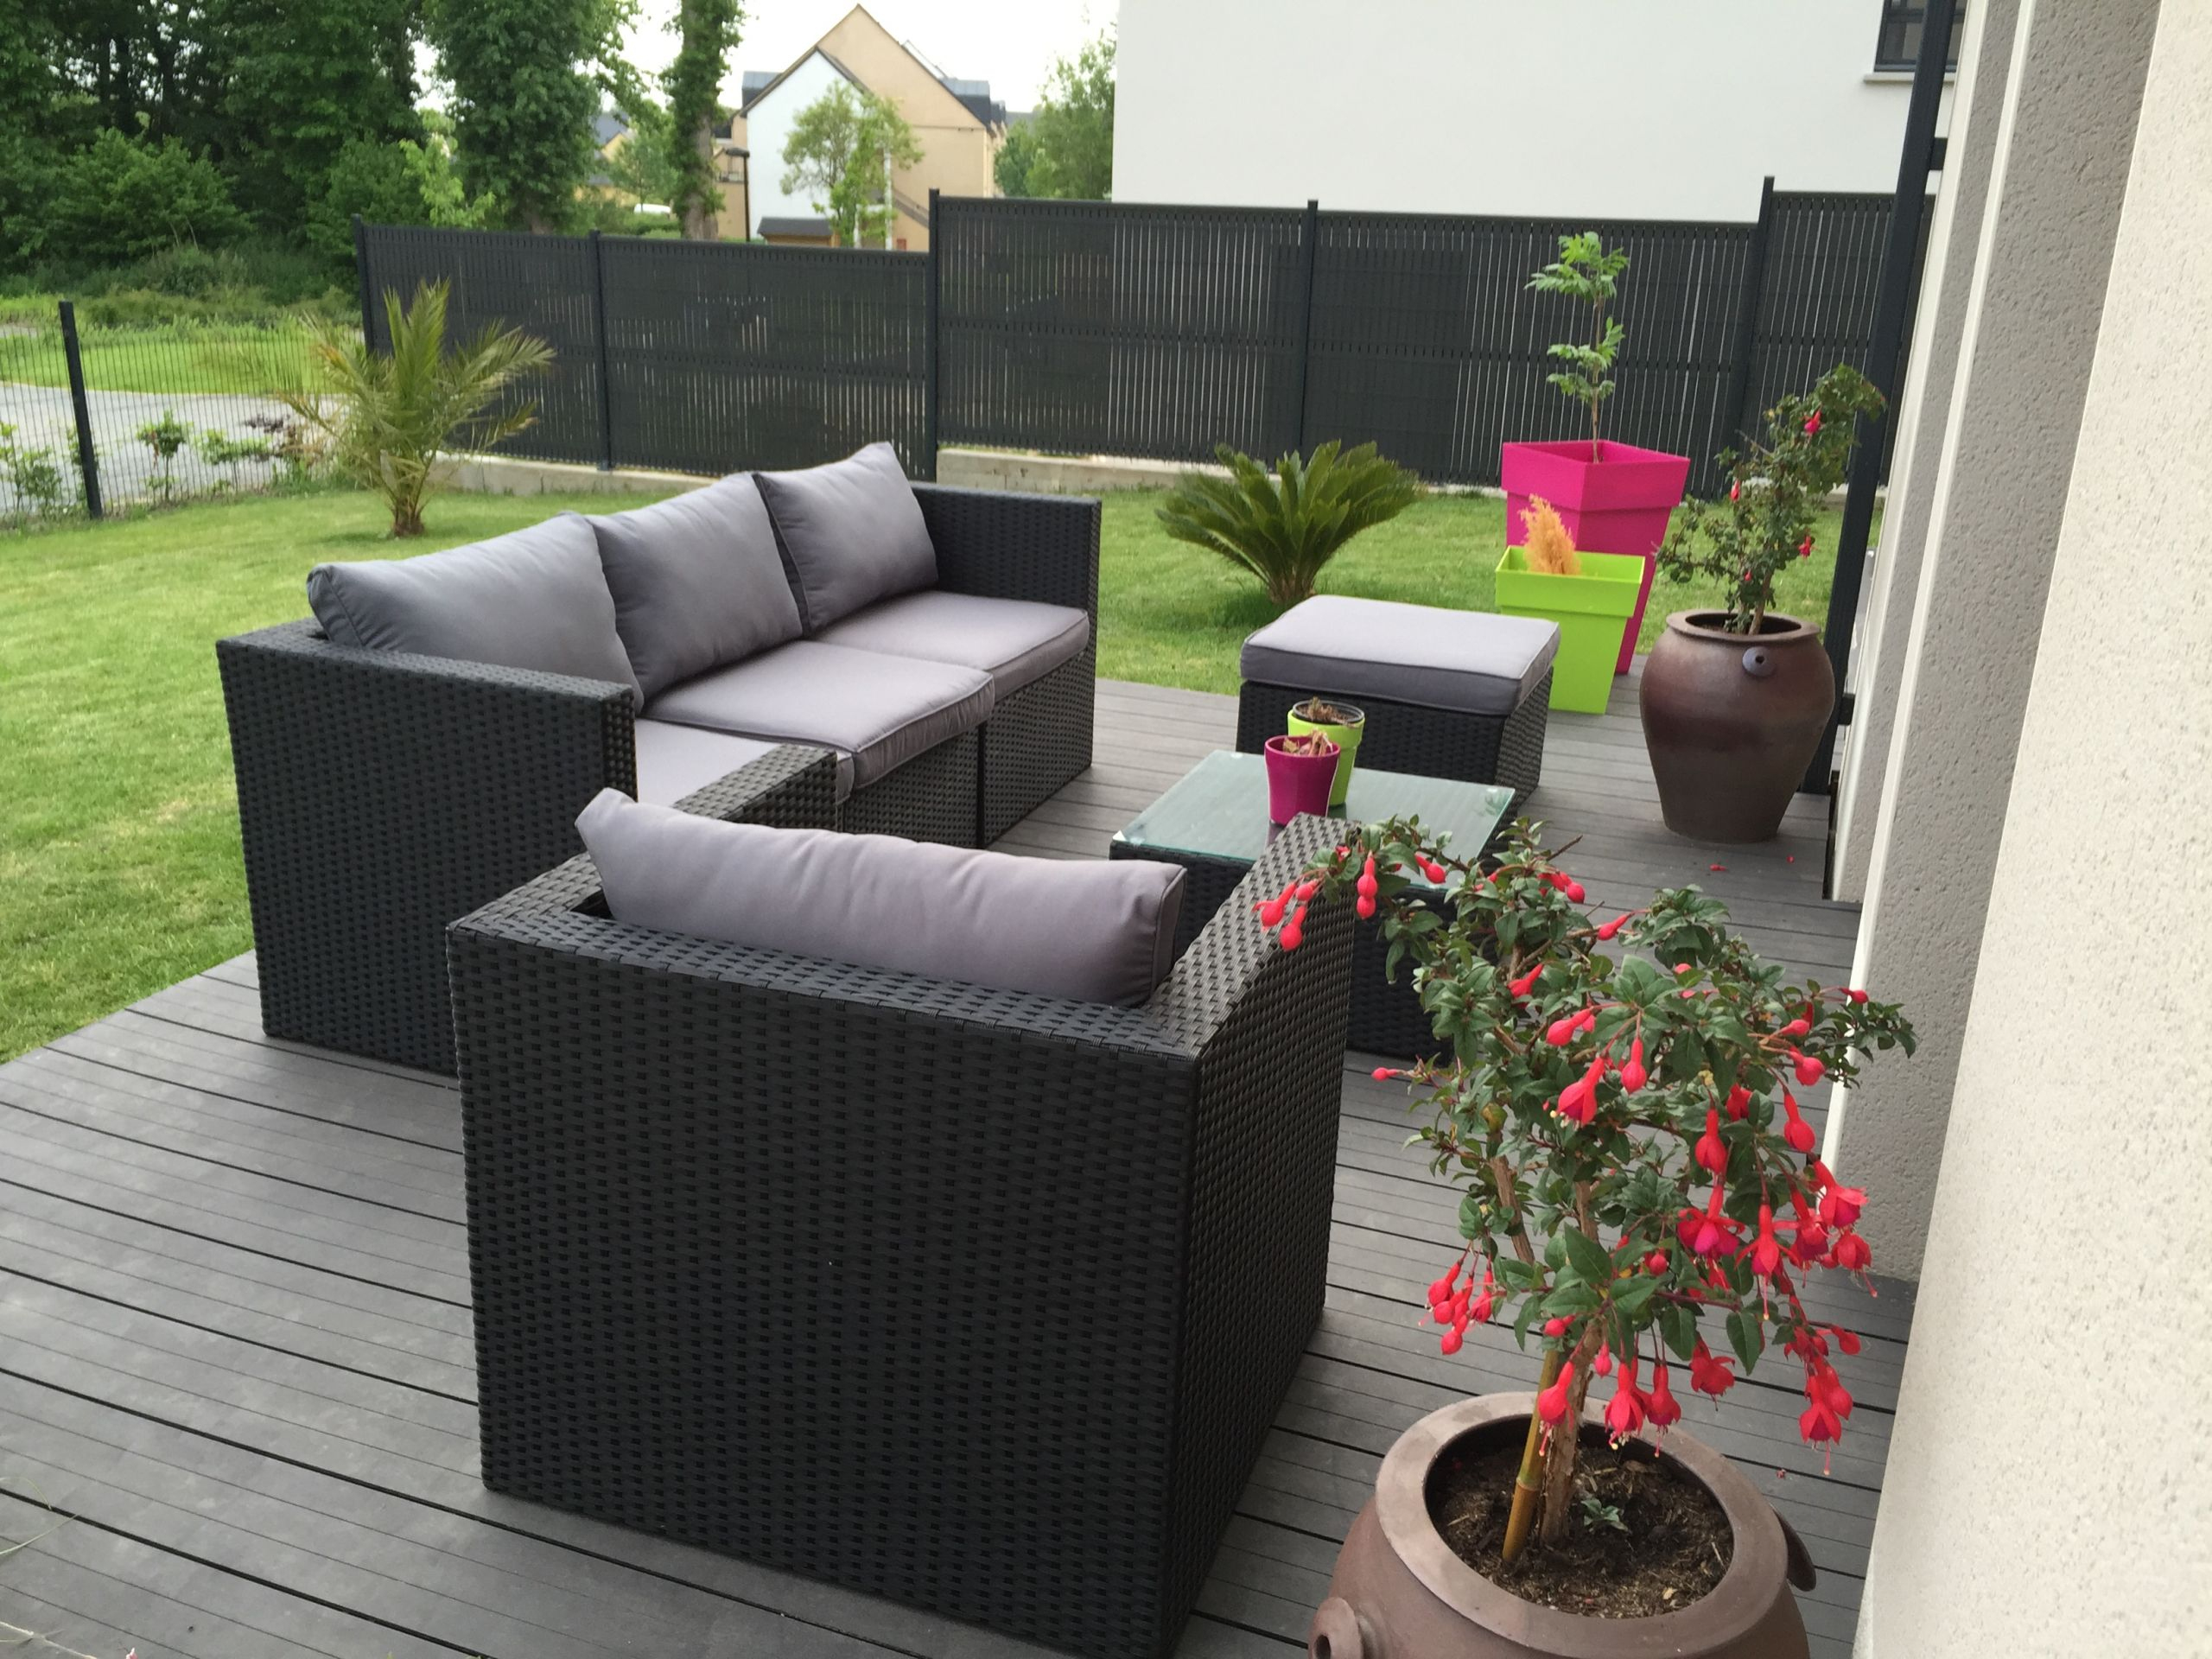 Salon De Jardin Exterieur Pas Cher Best Of Dalle Terrasse ... concernant Dalle Pas Cher